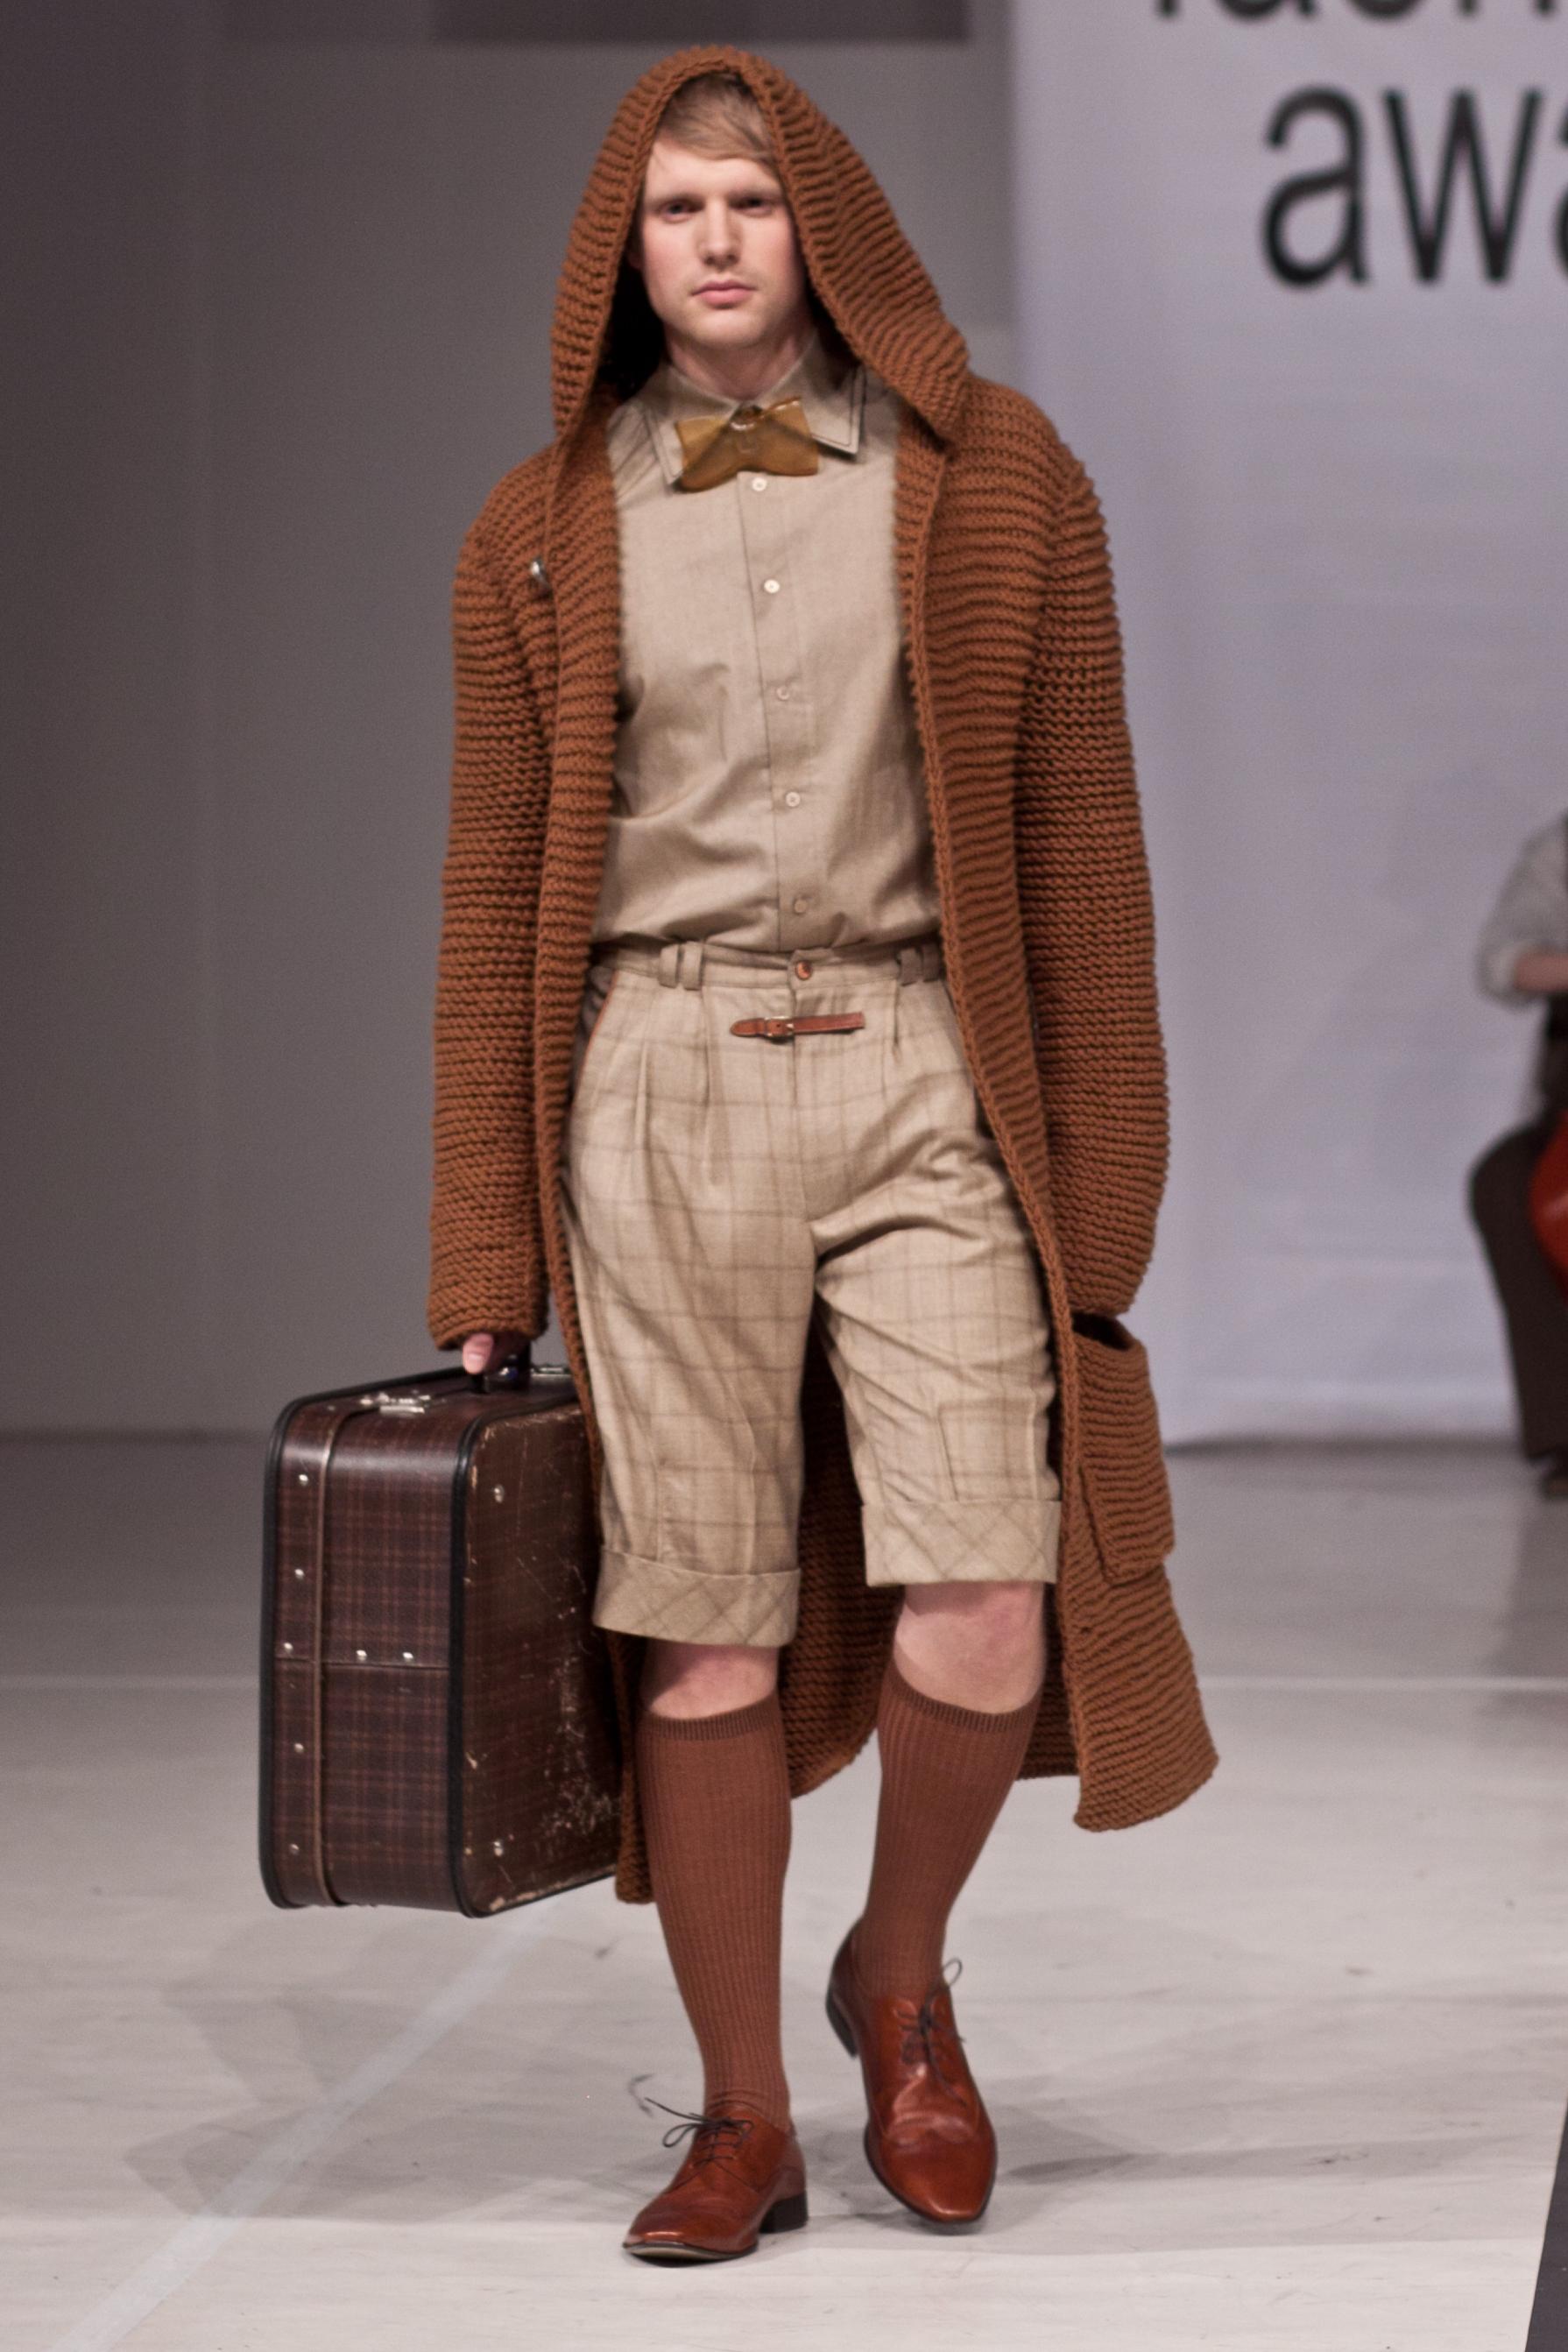 Łukasz Stachowicz LAMPERIA kolekcja roku Cracow Fashion Awards 2011